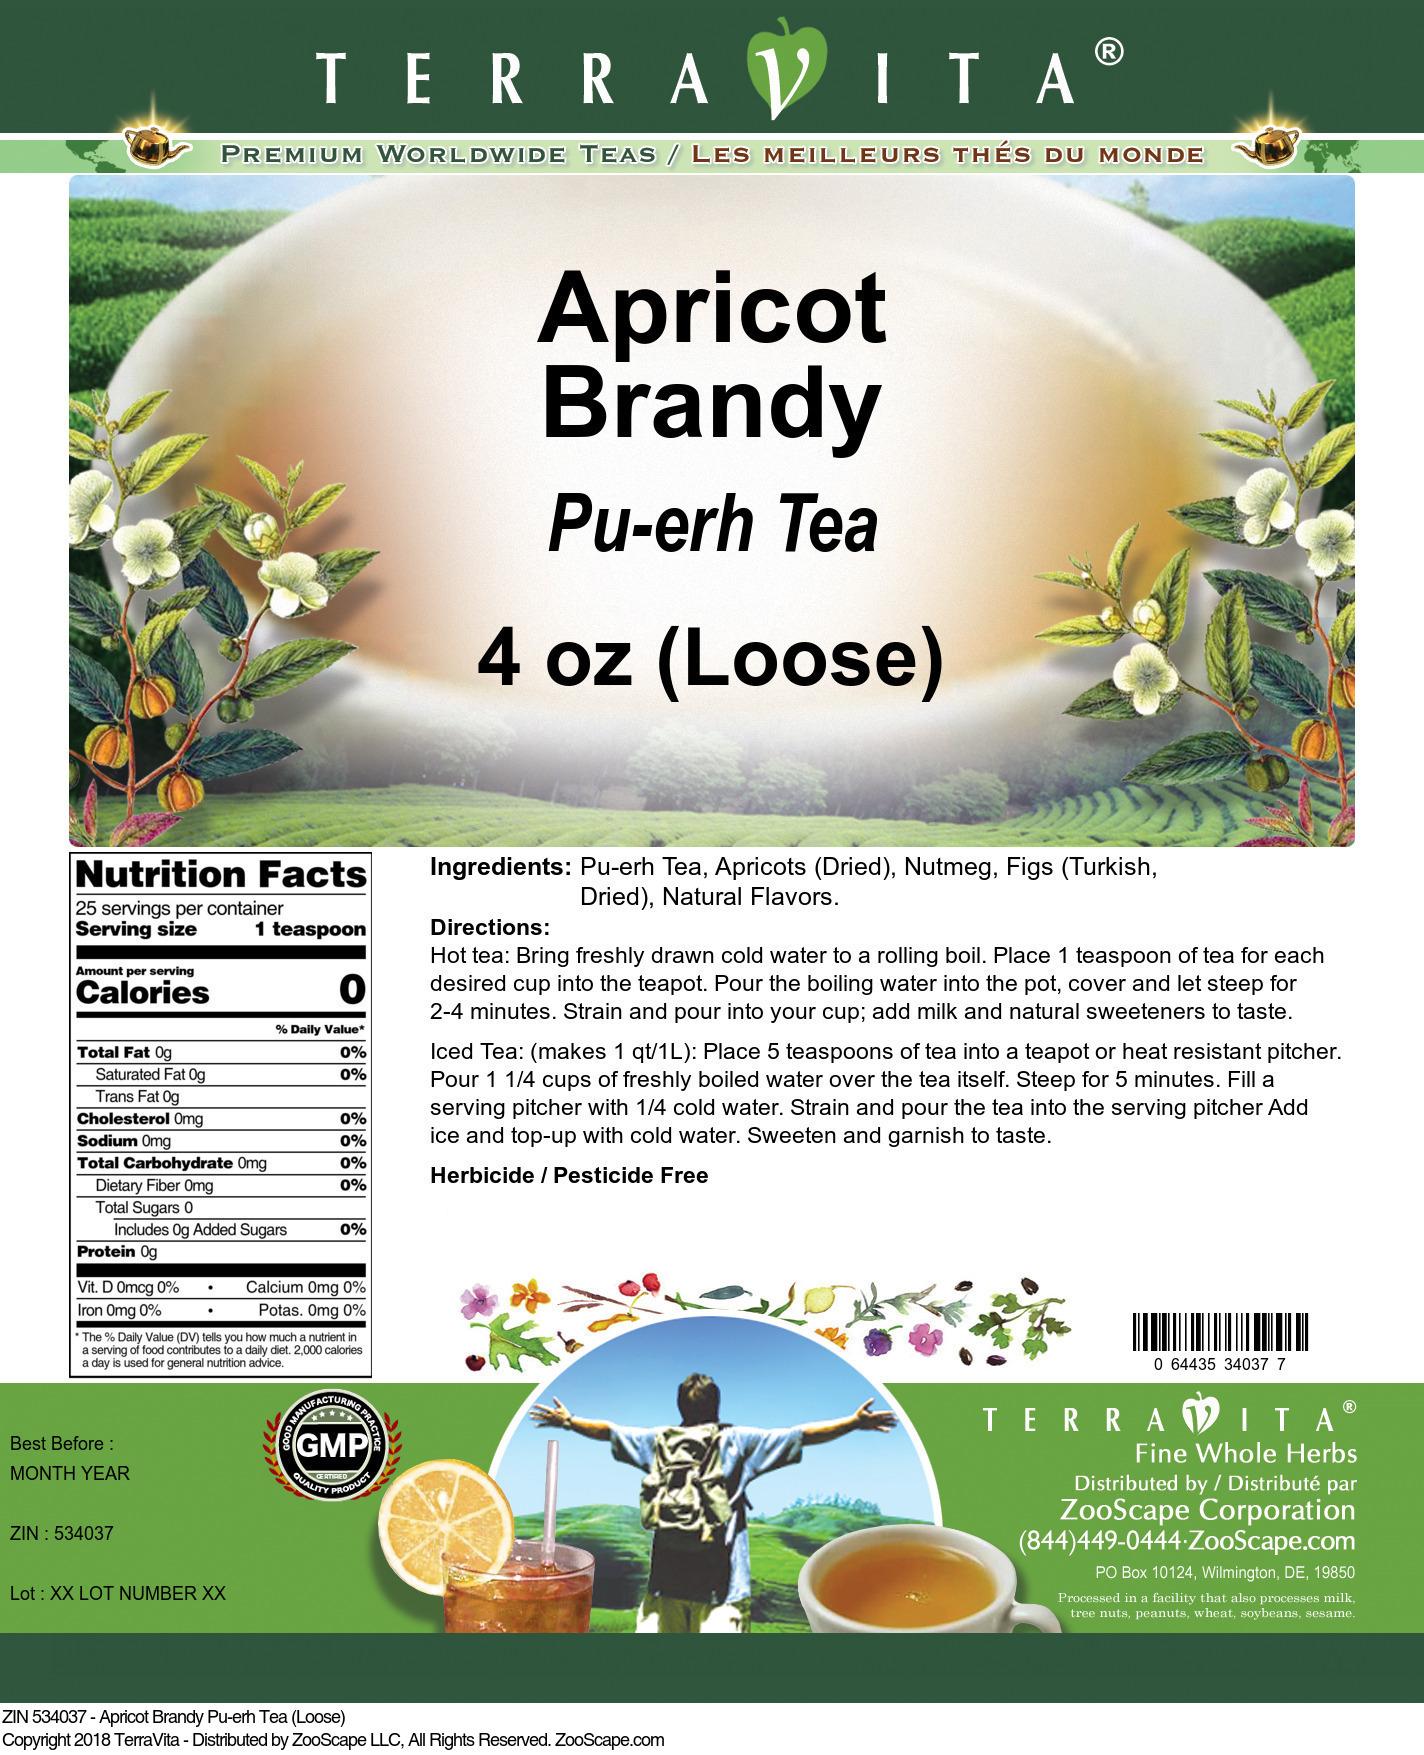 Apricot Brandy Pu-erh Tea (Loose)